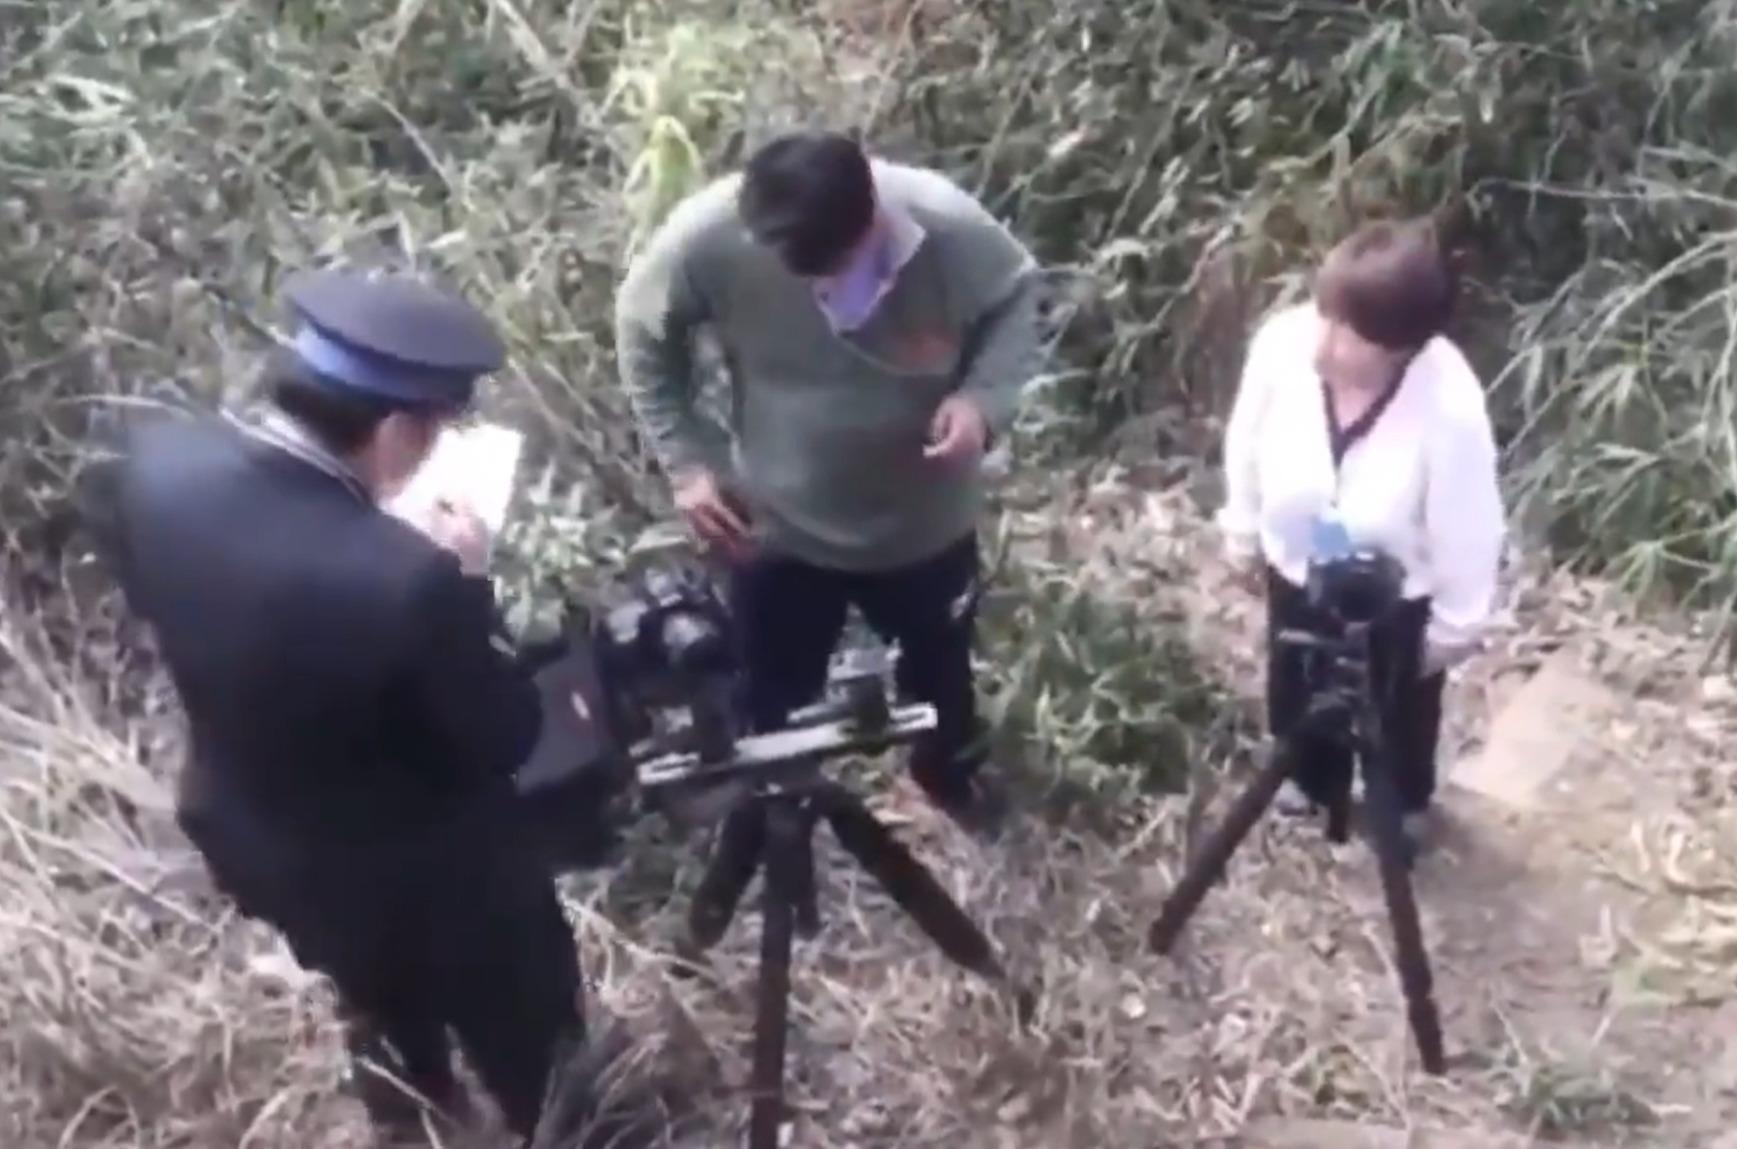 写真撮影で電車を止めたらどうなる?JR津山線で迷惑撮り鉄が線路内侵入 列車は緊急停車